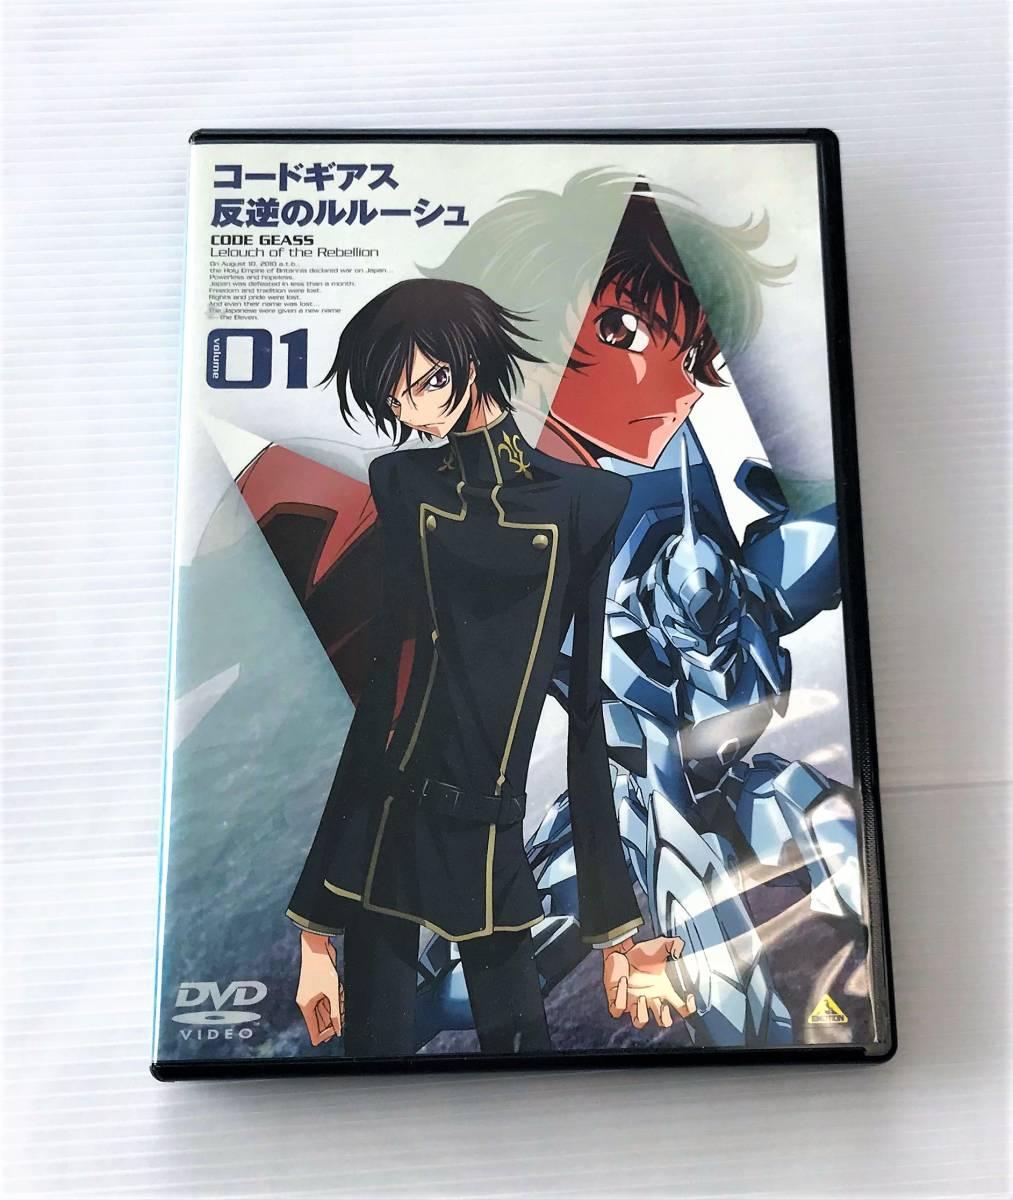 ◎盤面傷無◎ コードギアス 反逆のルルーシュ DVD 01 _DVD盤面に傷一つ無く再生確認済です。